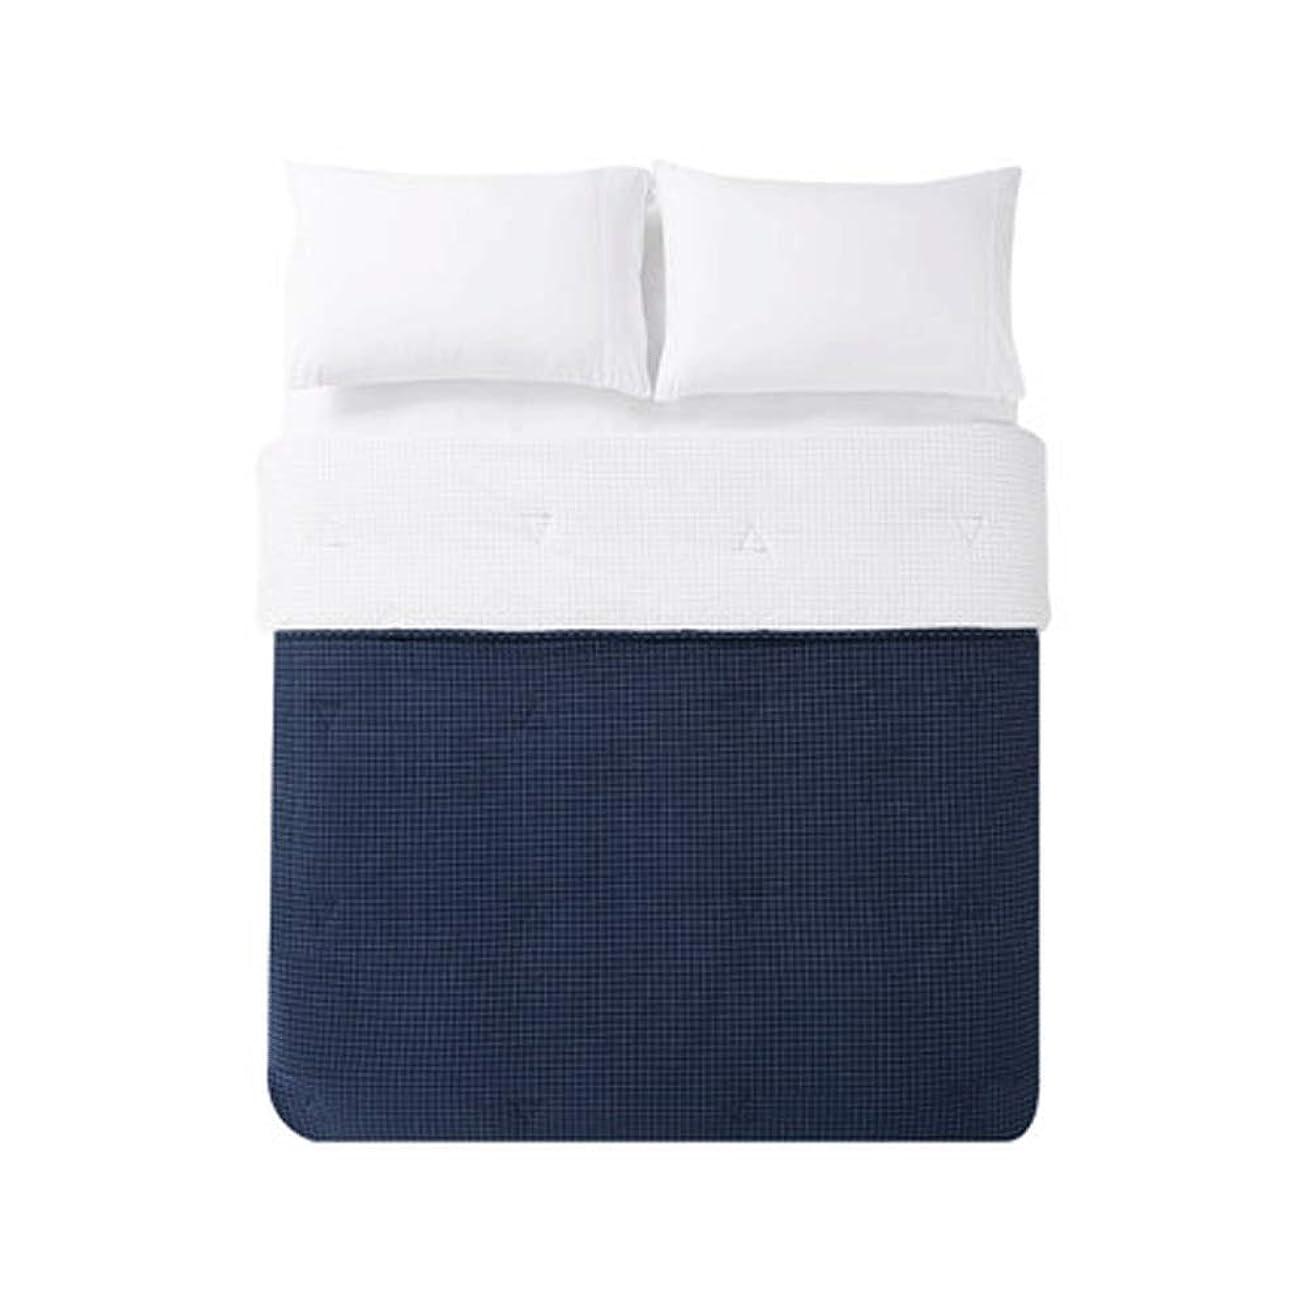 長椅子アクションささやき心を洗った綿染めのチェック柄の綿春と夏は洗える綿通気性の薄いキルトです (色 : 濃紺)